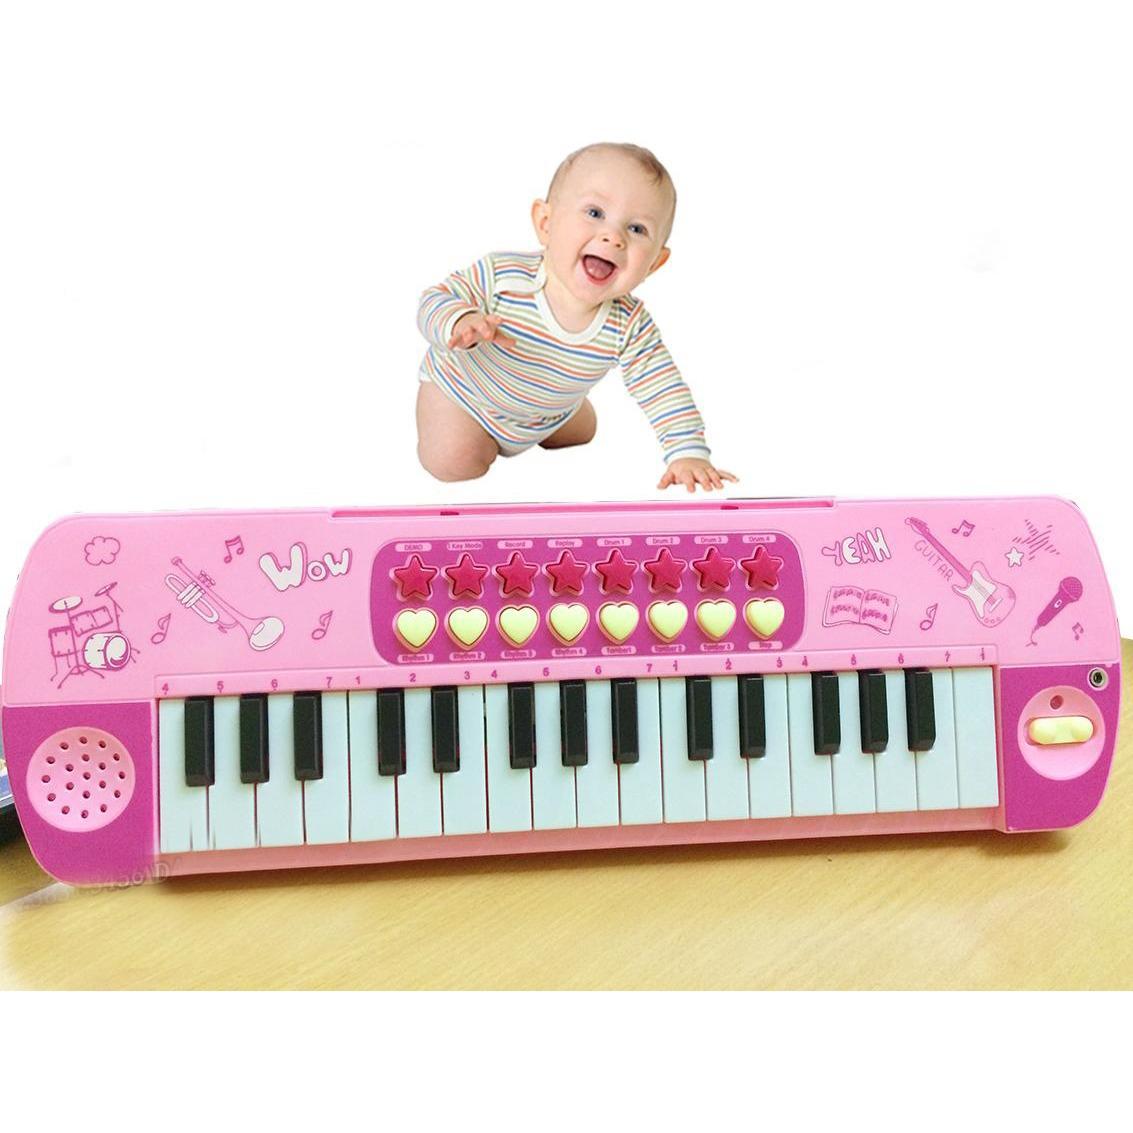 đồ chơi trí tuệ cho bé 1 tuổi